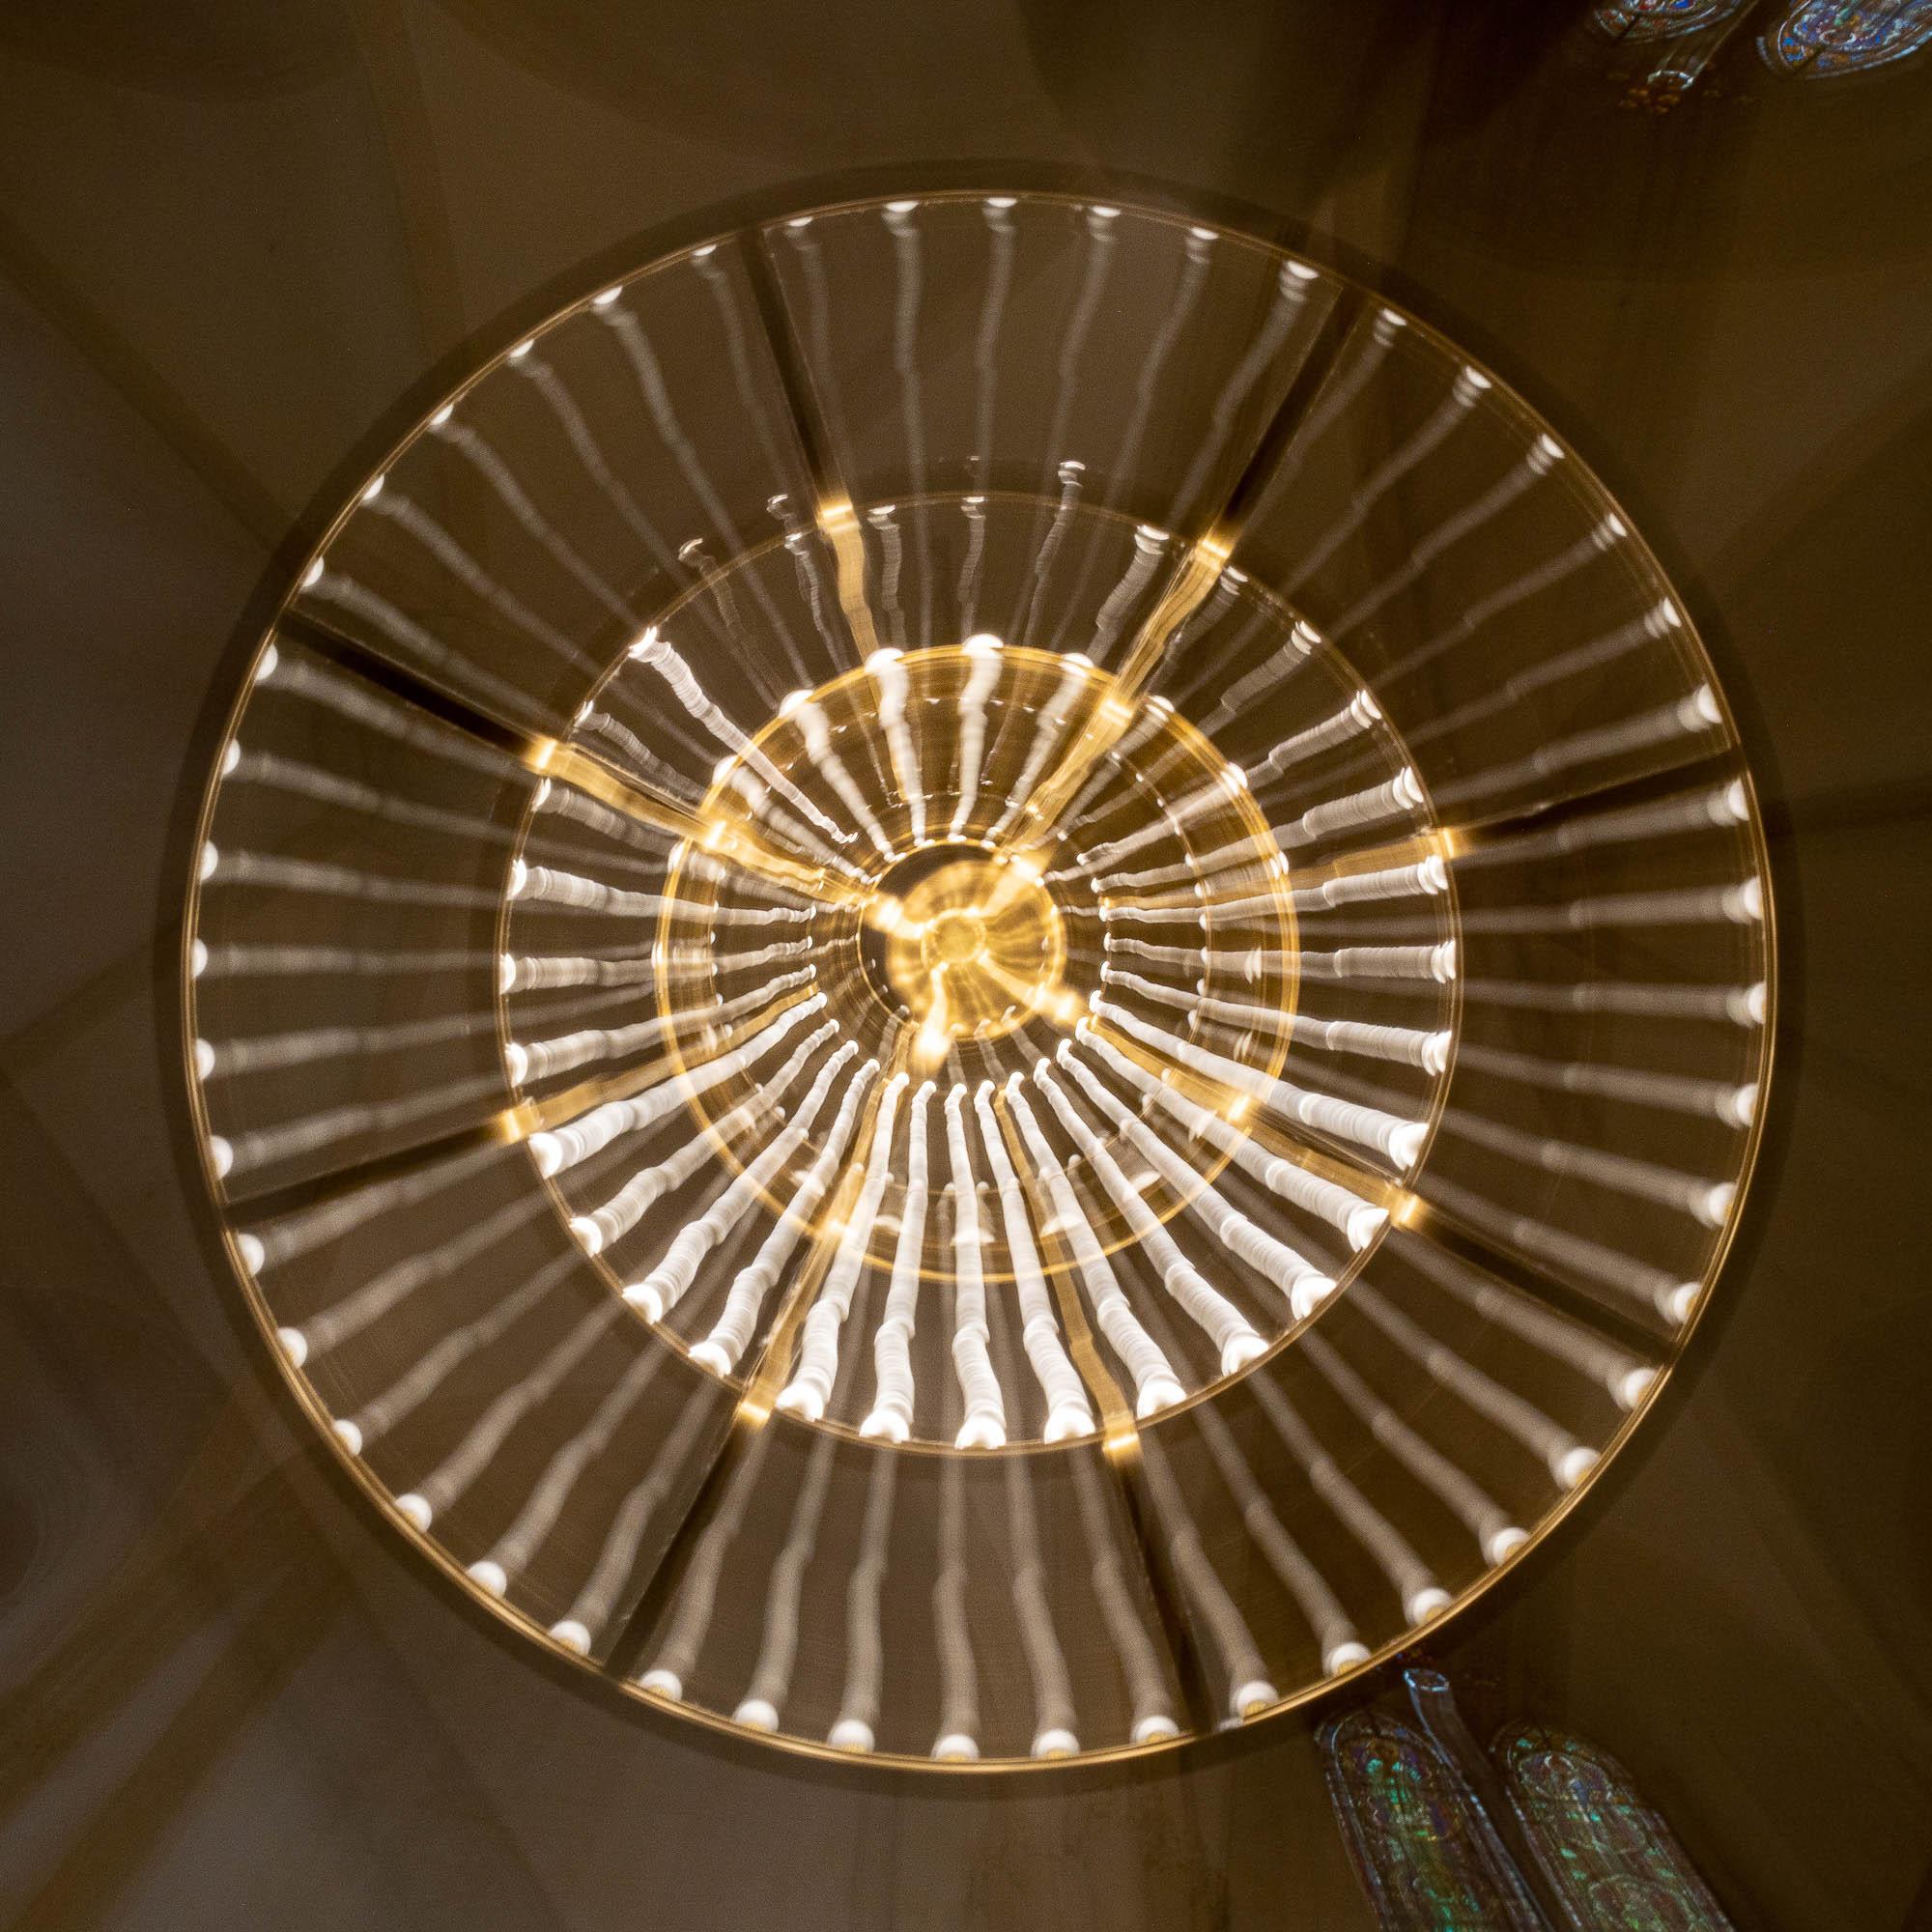 Leuchter Dom Naumburg